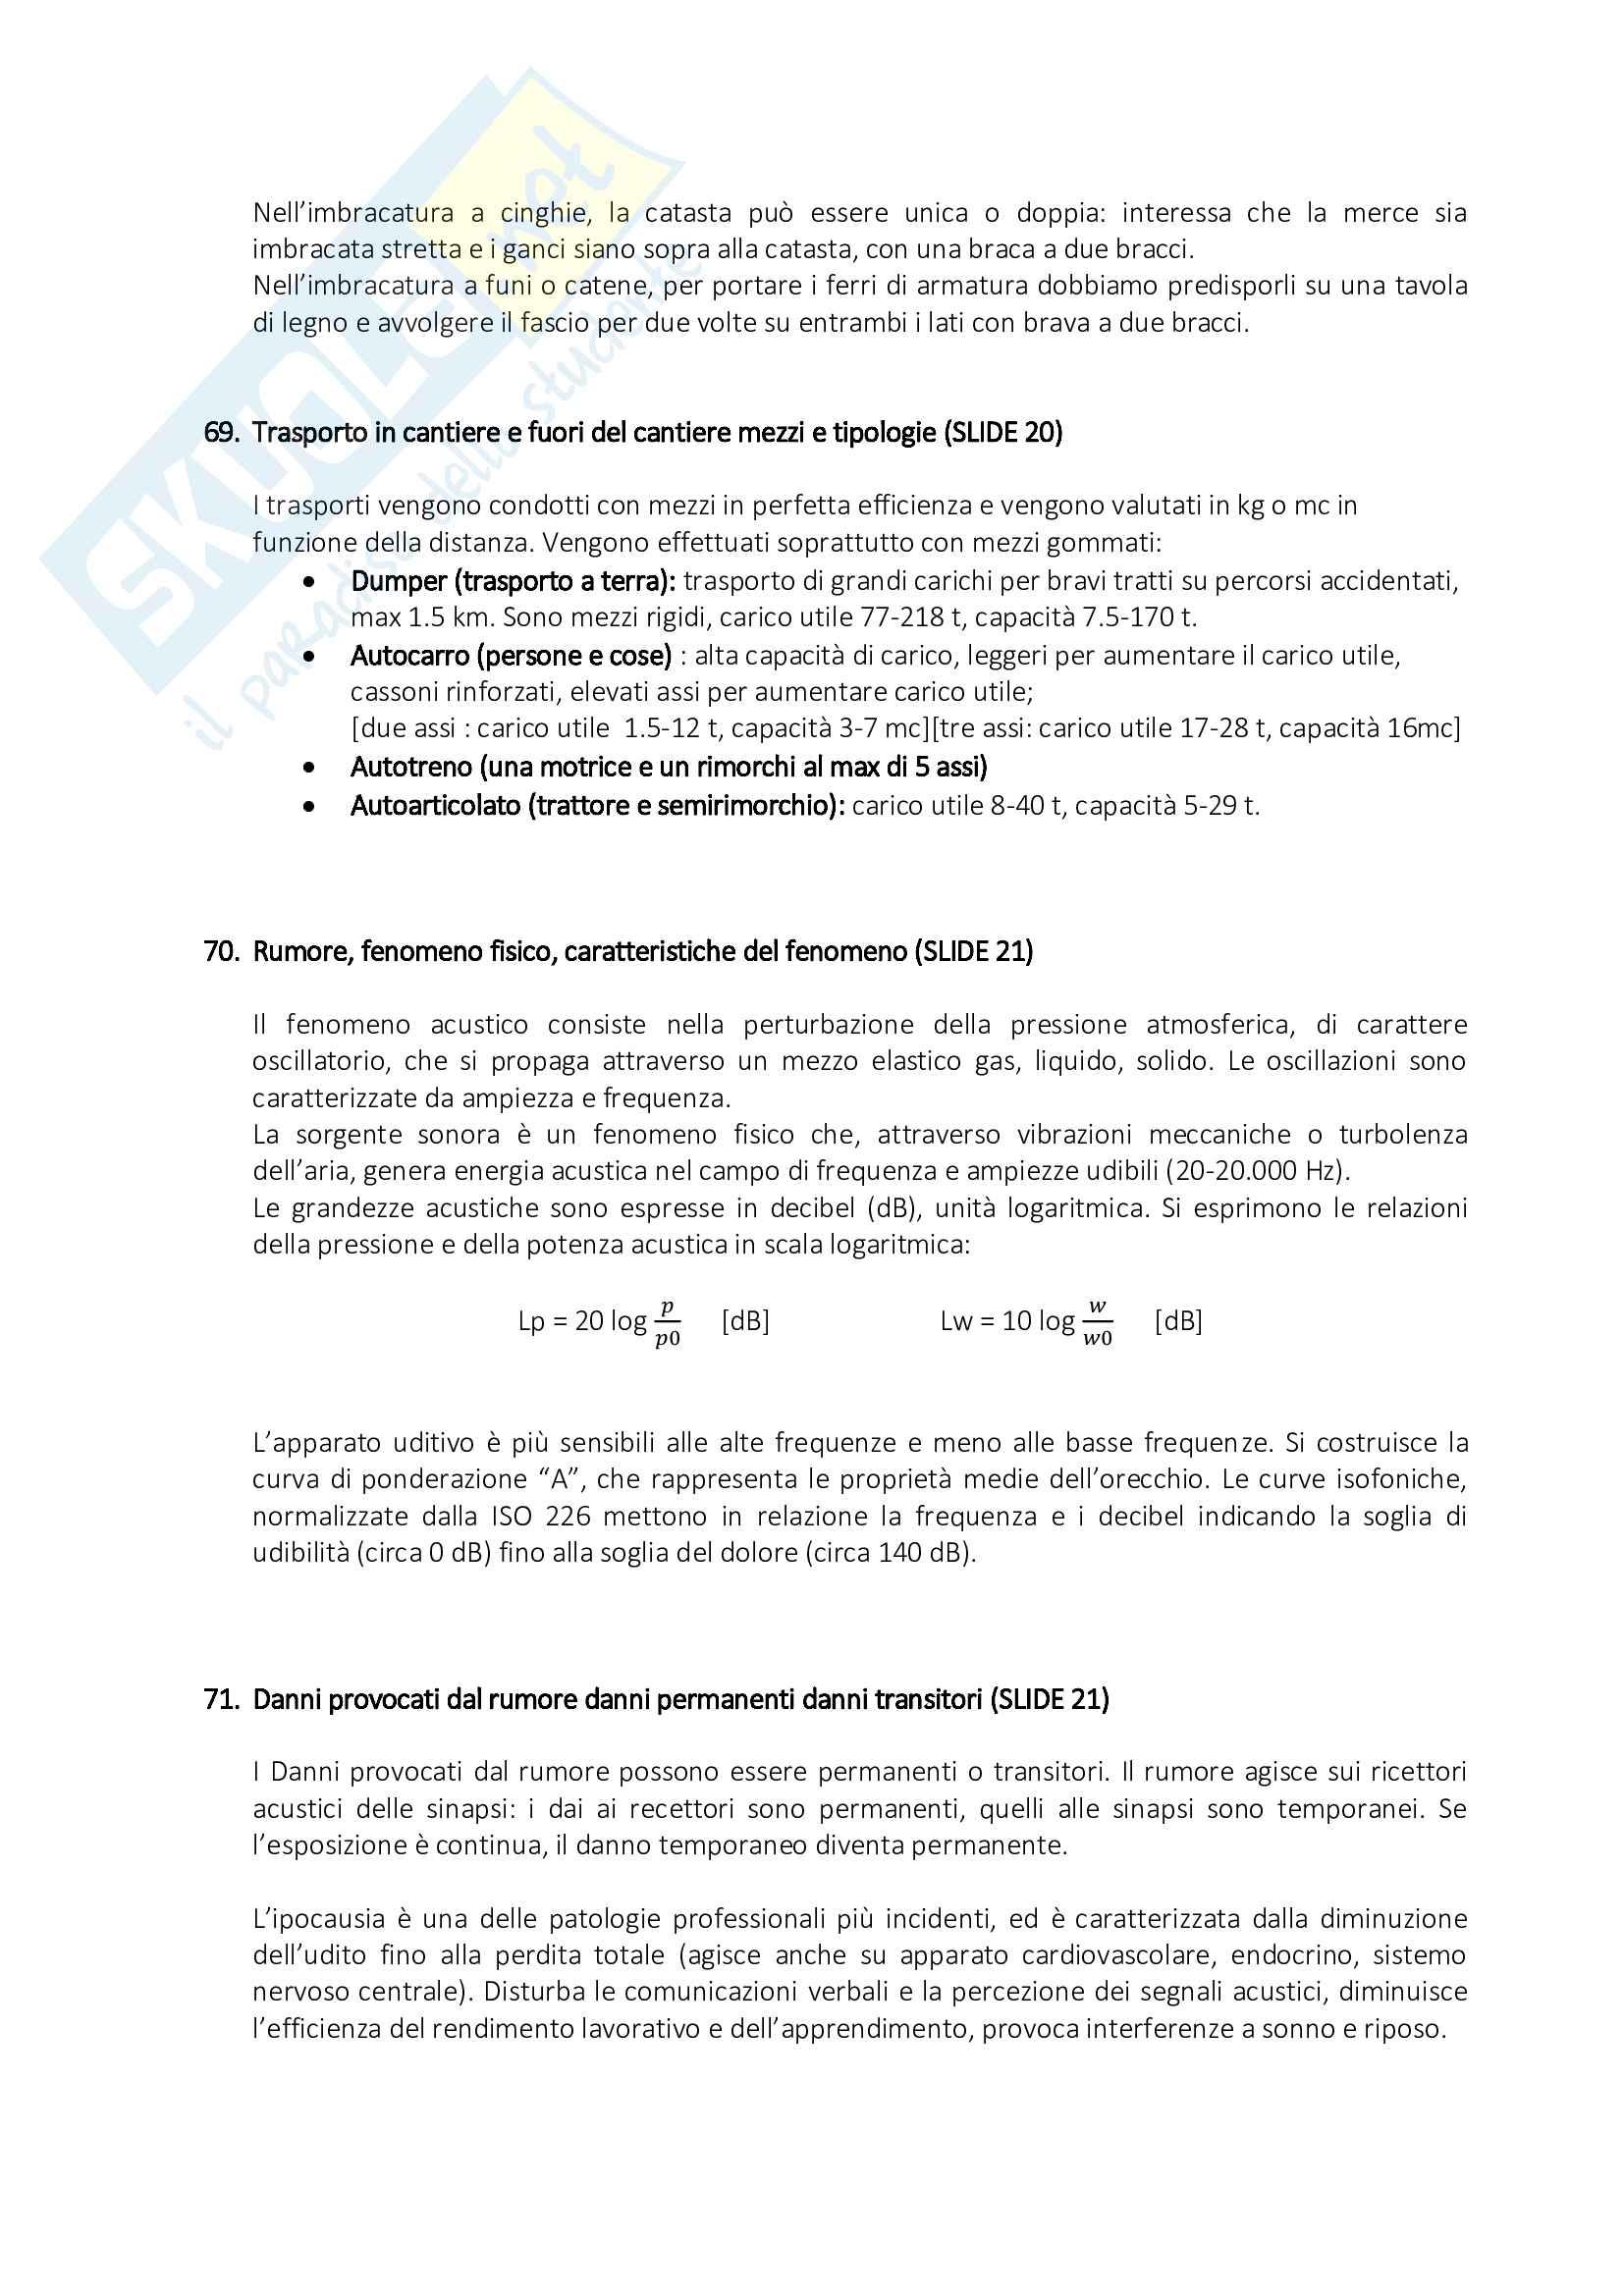 Organizzazione del Cantiere - Risposte alle Domande di Esame Pag. 31